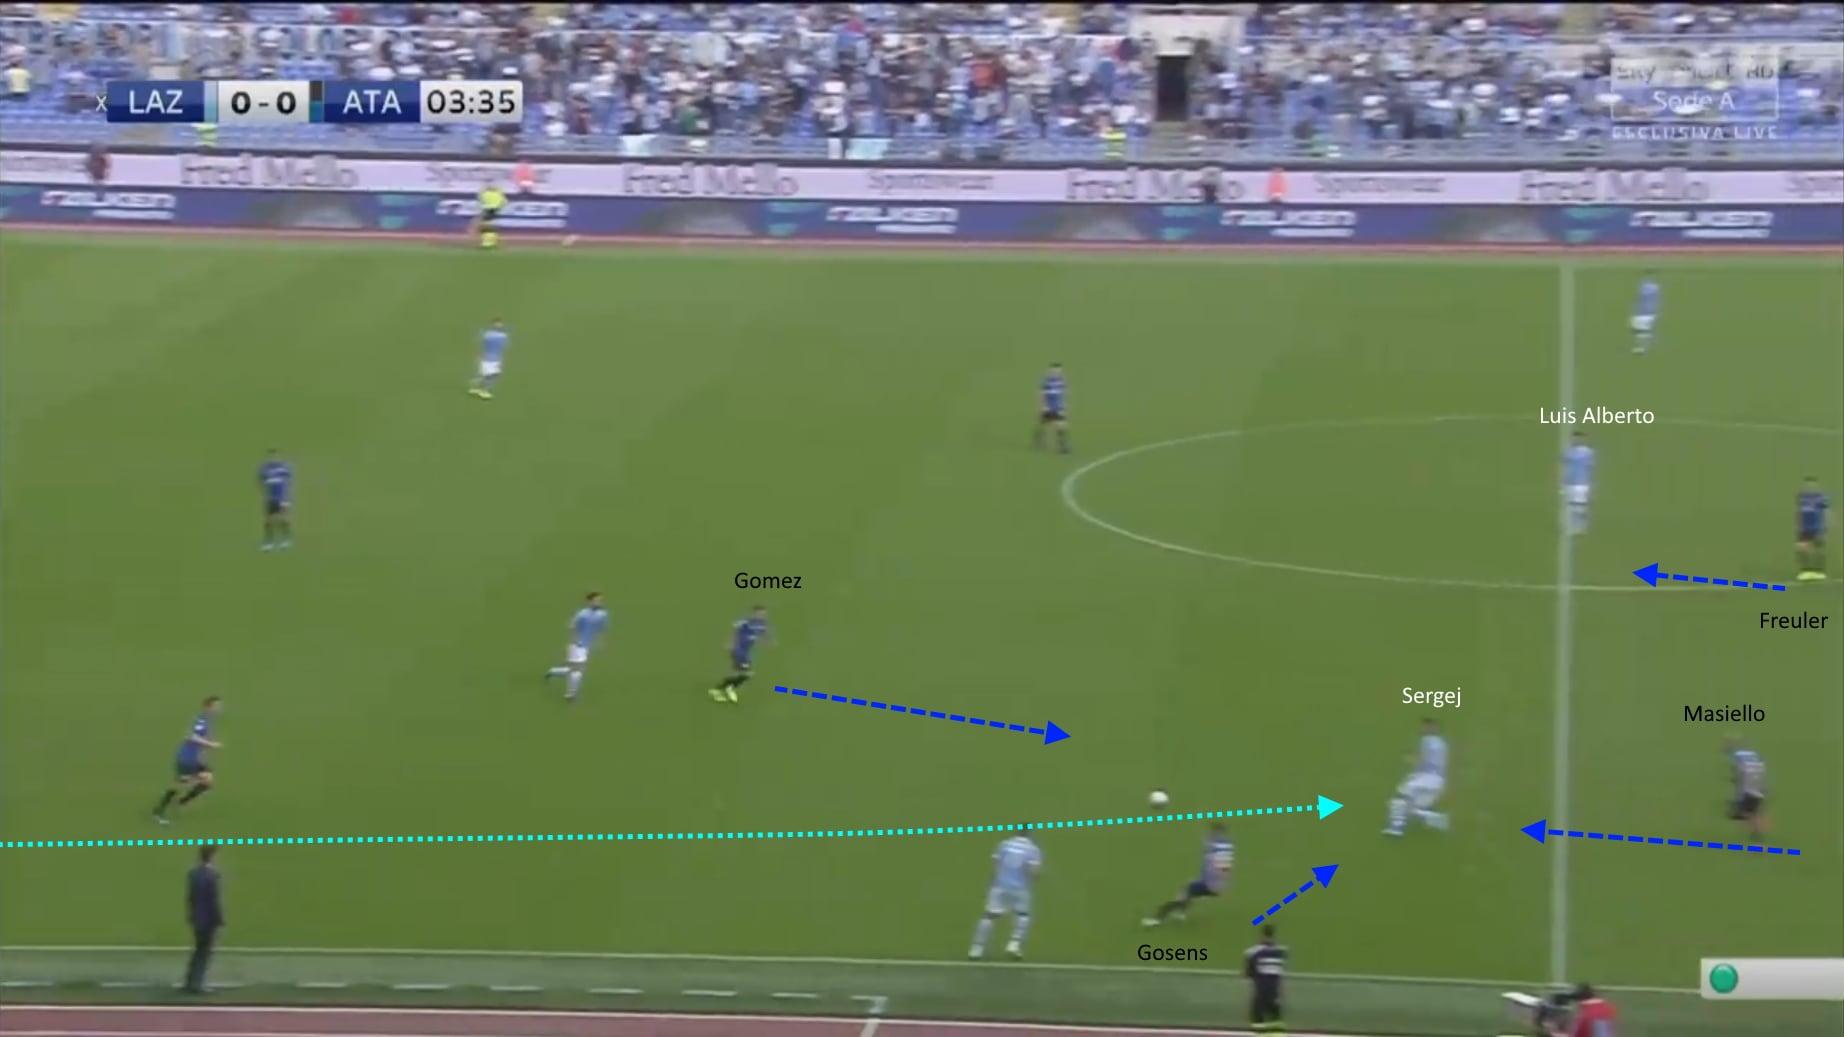 Inter-Atalanta, moviola Gazzetta: errore VAR, Lautaro da rigore e rosso